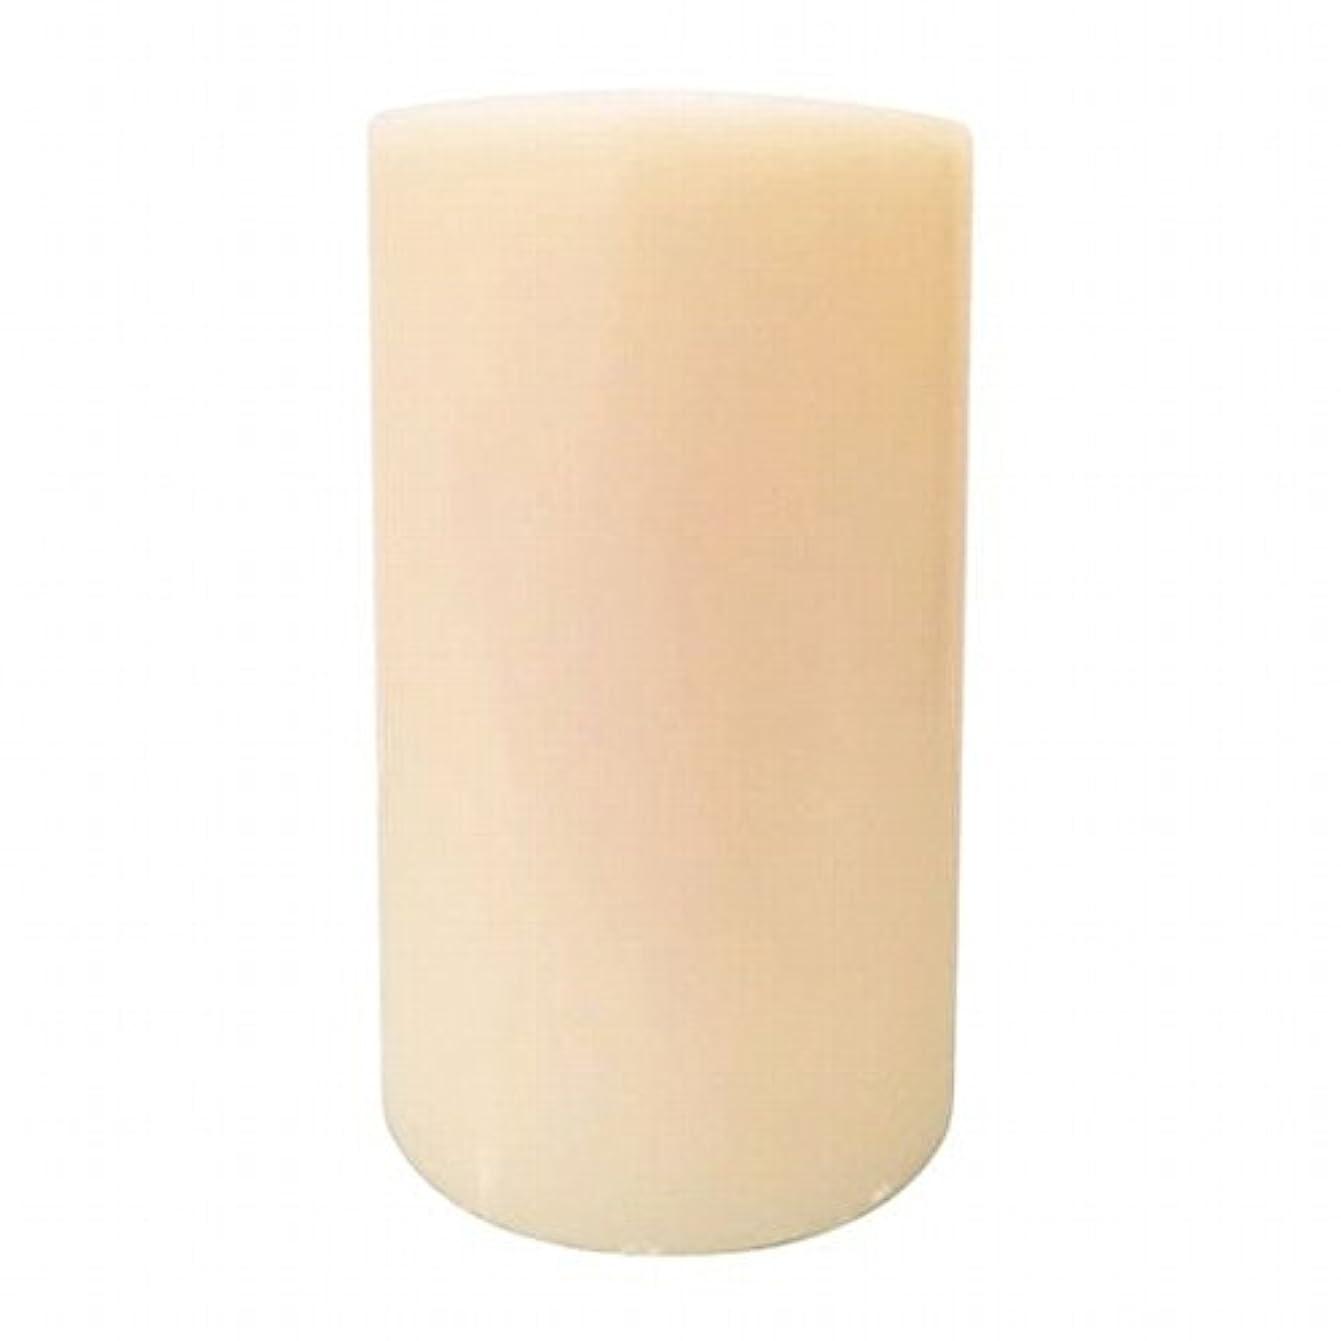 ぐるぐるライトニング保有者カメヤマキャンドル( kameyama candle ) LUMINARA(ルミナラ)グランディオピラー S ピラーホルダー